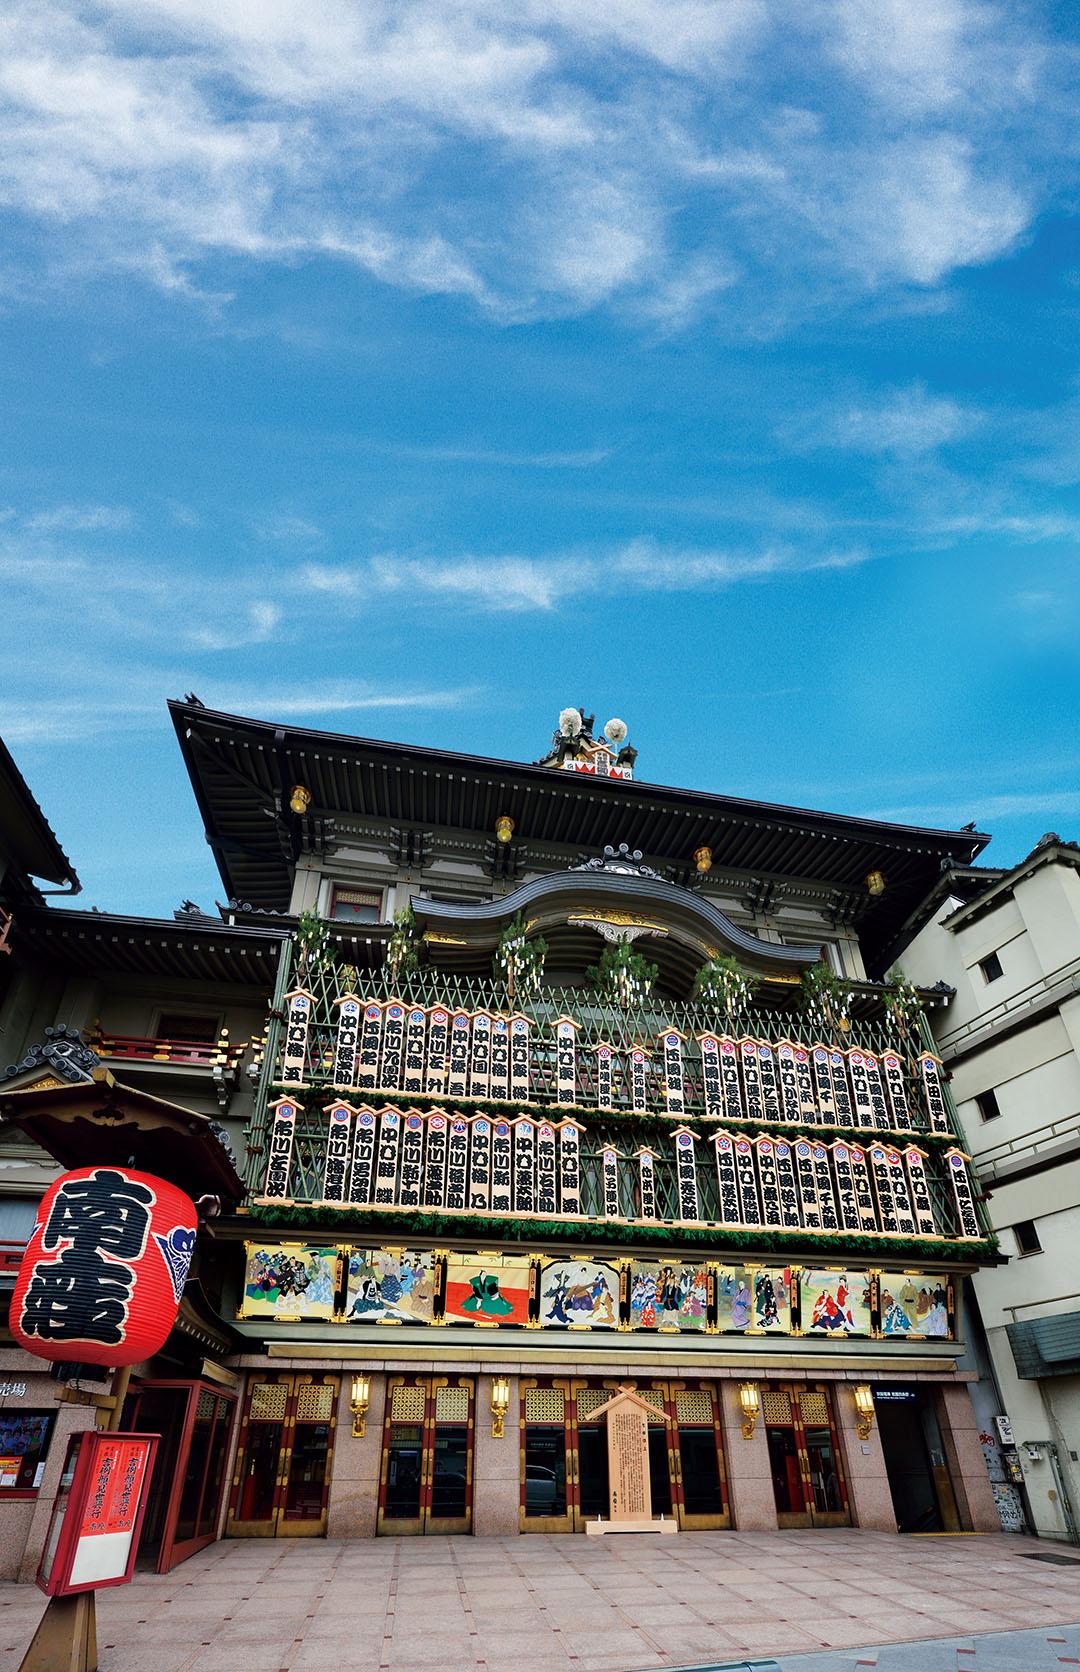 Kyoto Shijo Minamiza Theatre